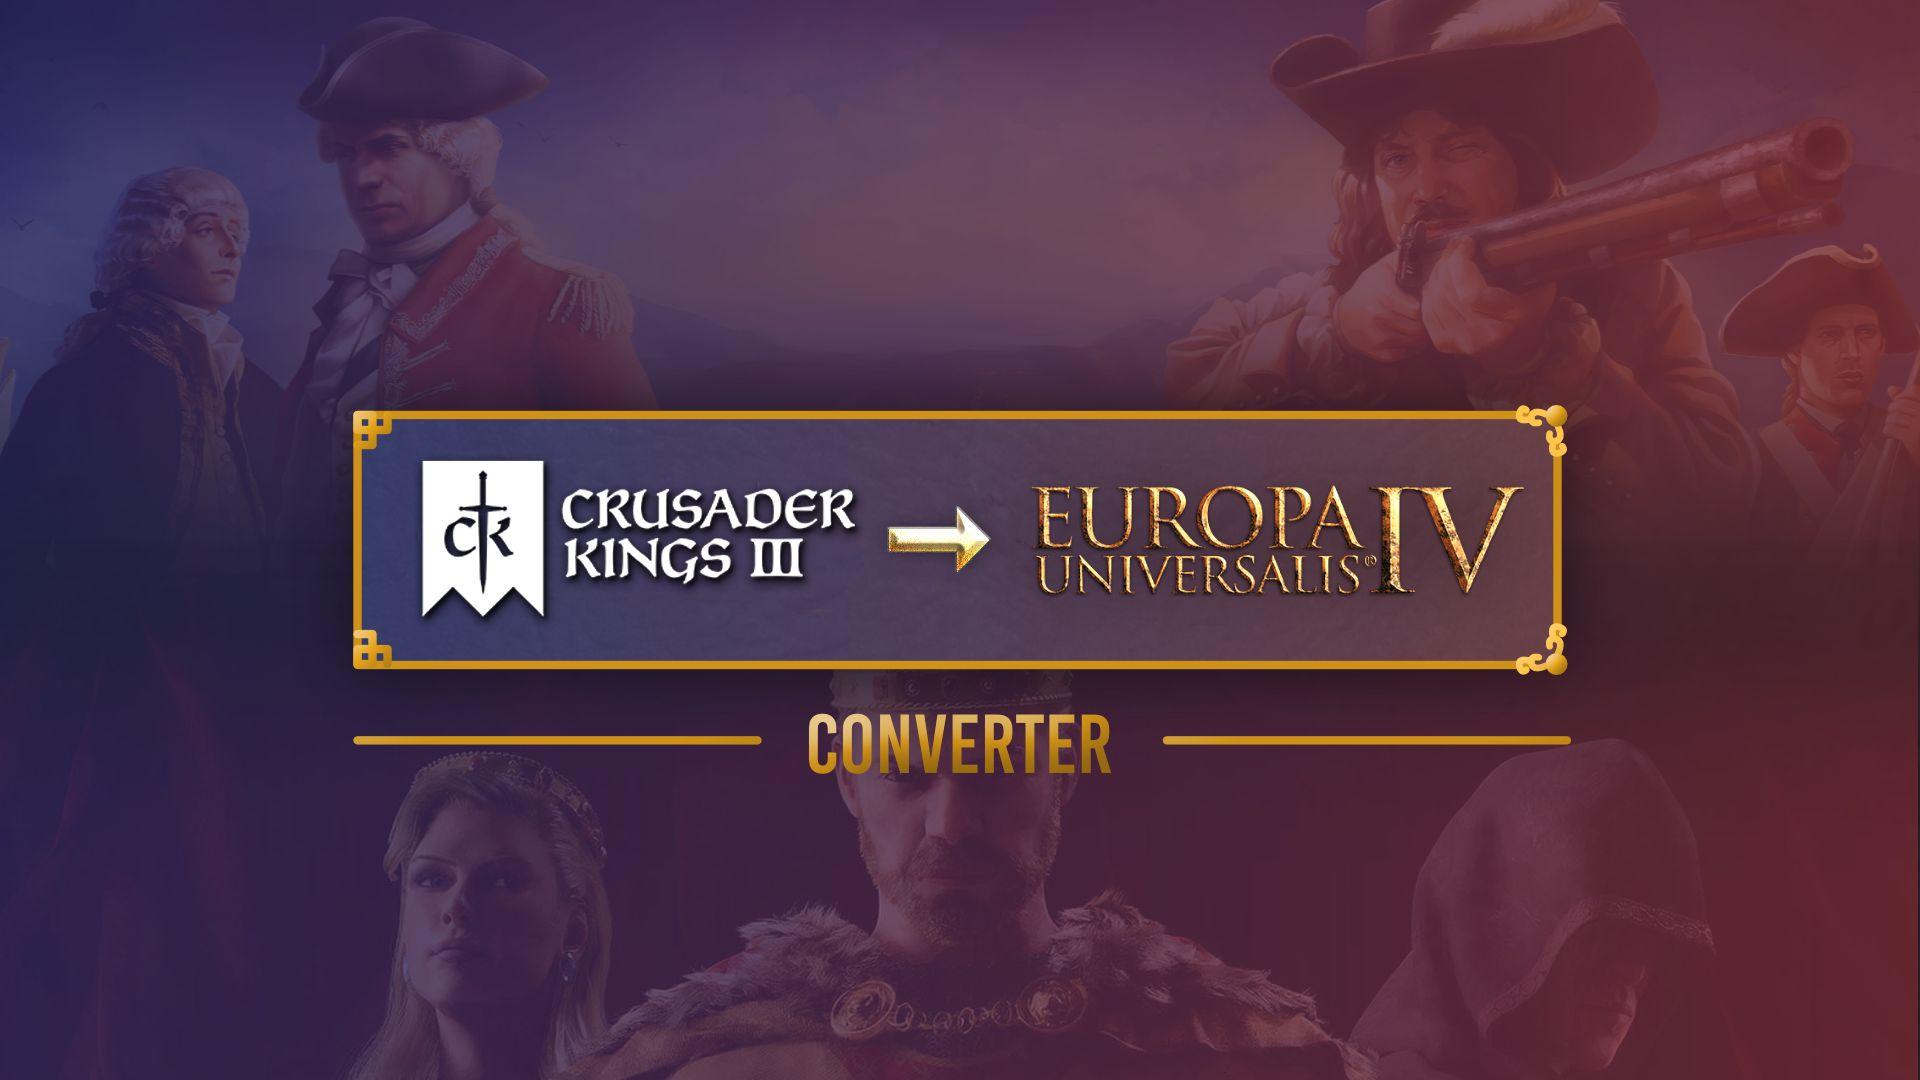 Una obra de arte que muestra los logotipos de Crusader Kings 3 y Europa Universalis IV